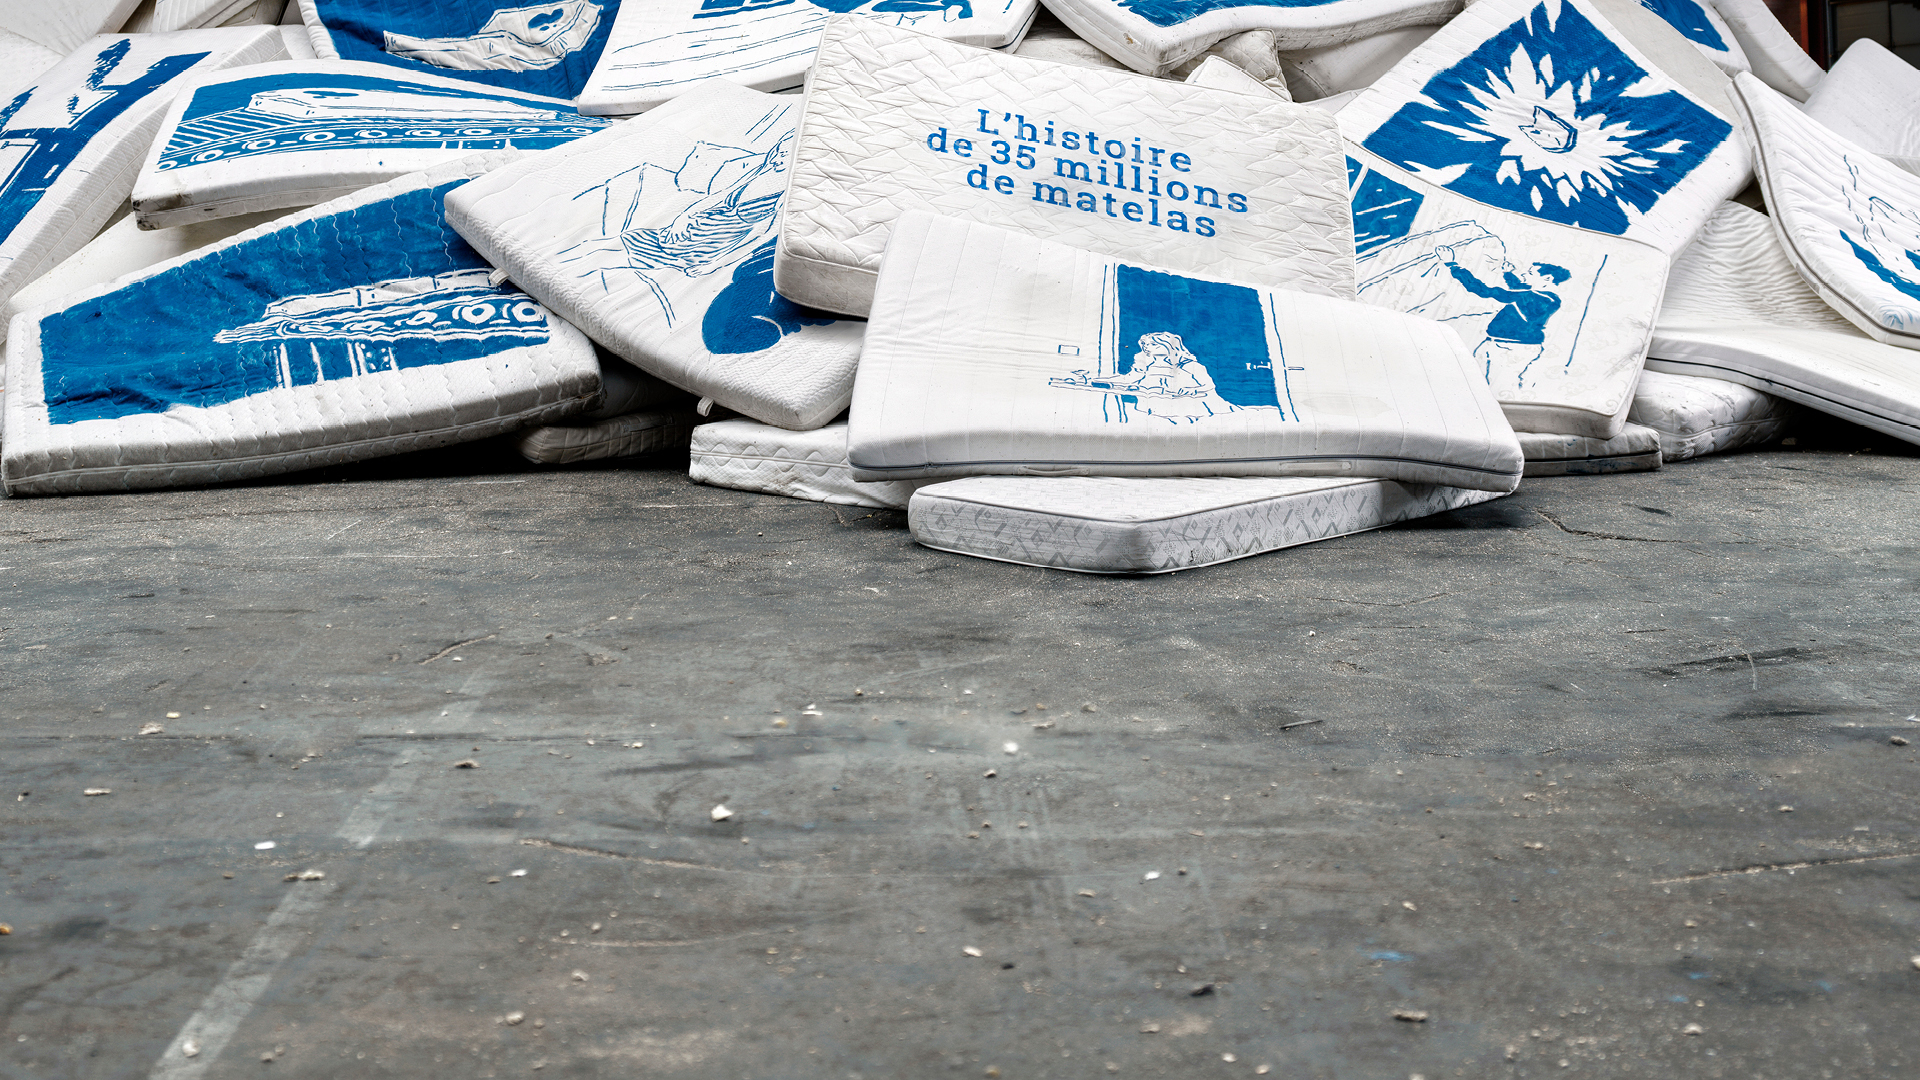 Chaque année, 35 millions de matelas sont jetés en Europe